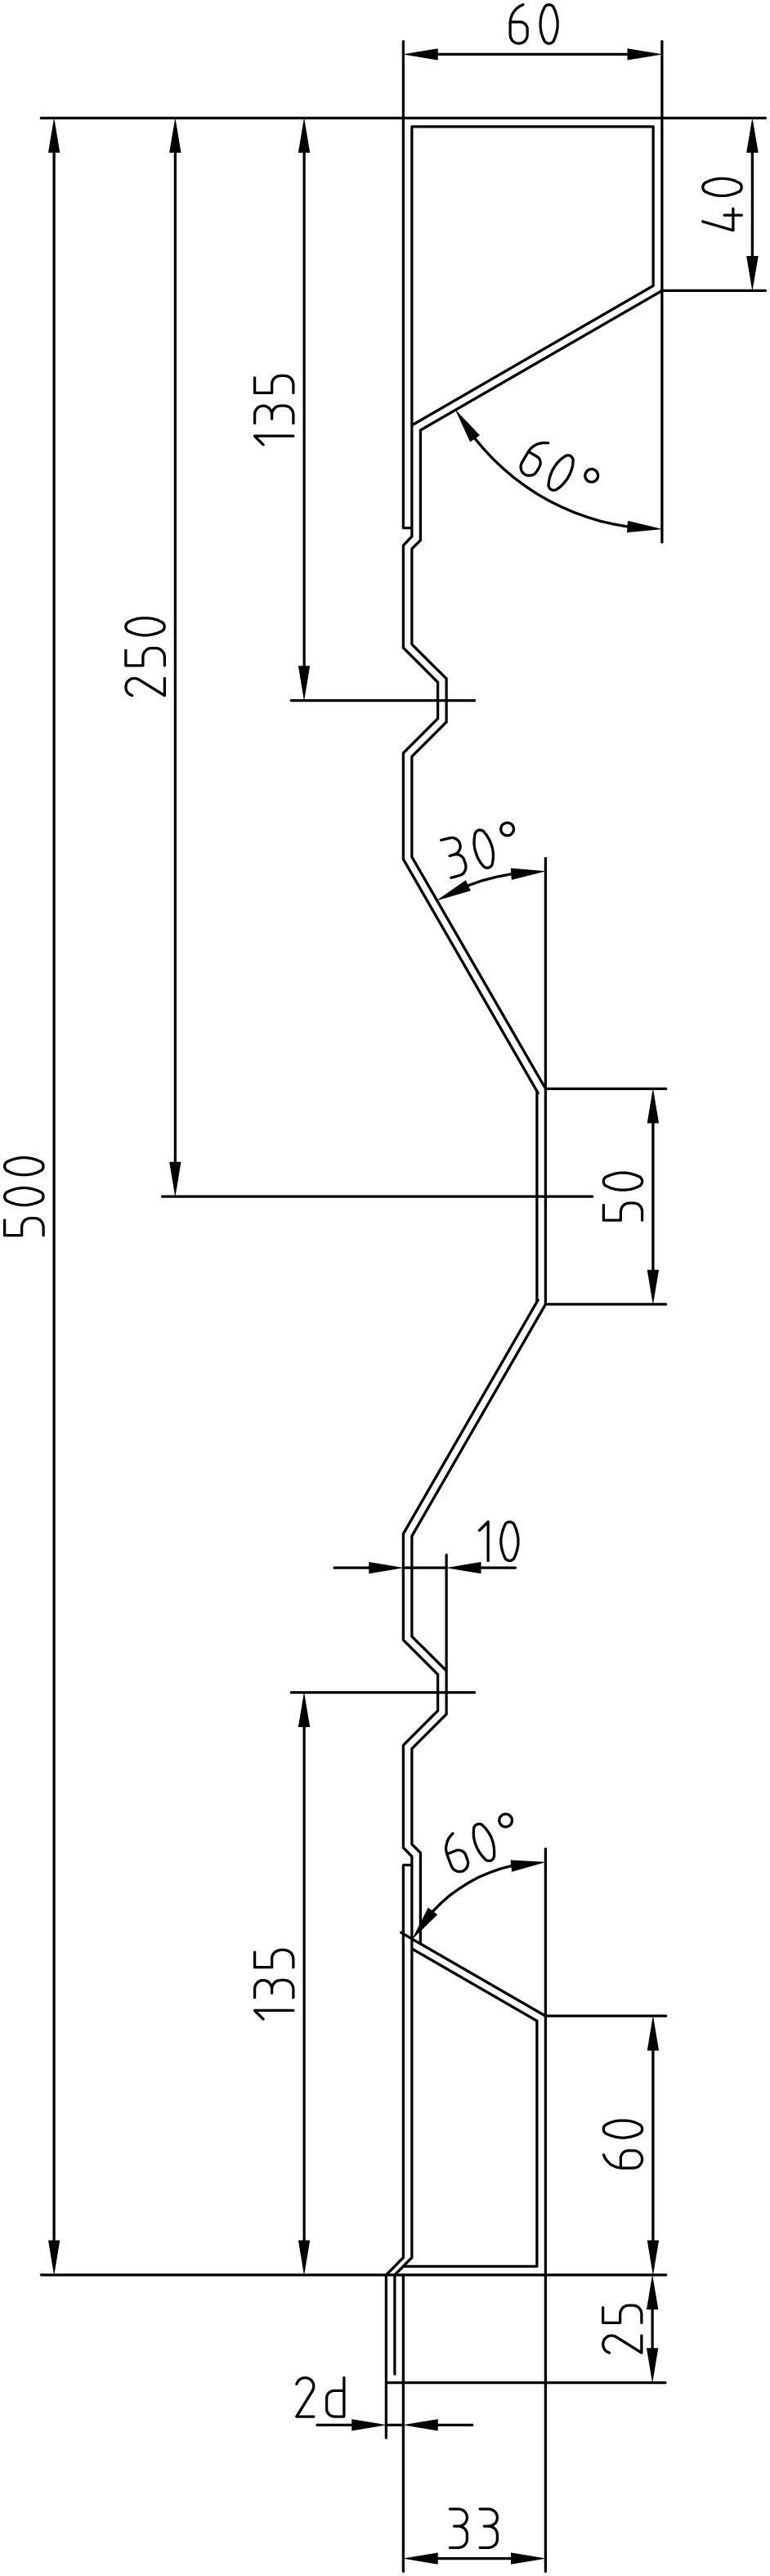 Brantner Kipper und Anhänger - 500x2x5015 attachment board with trailing edges